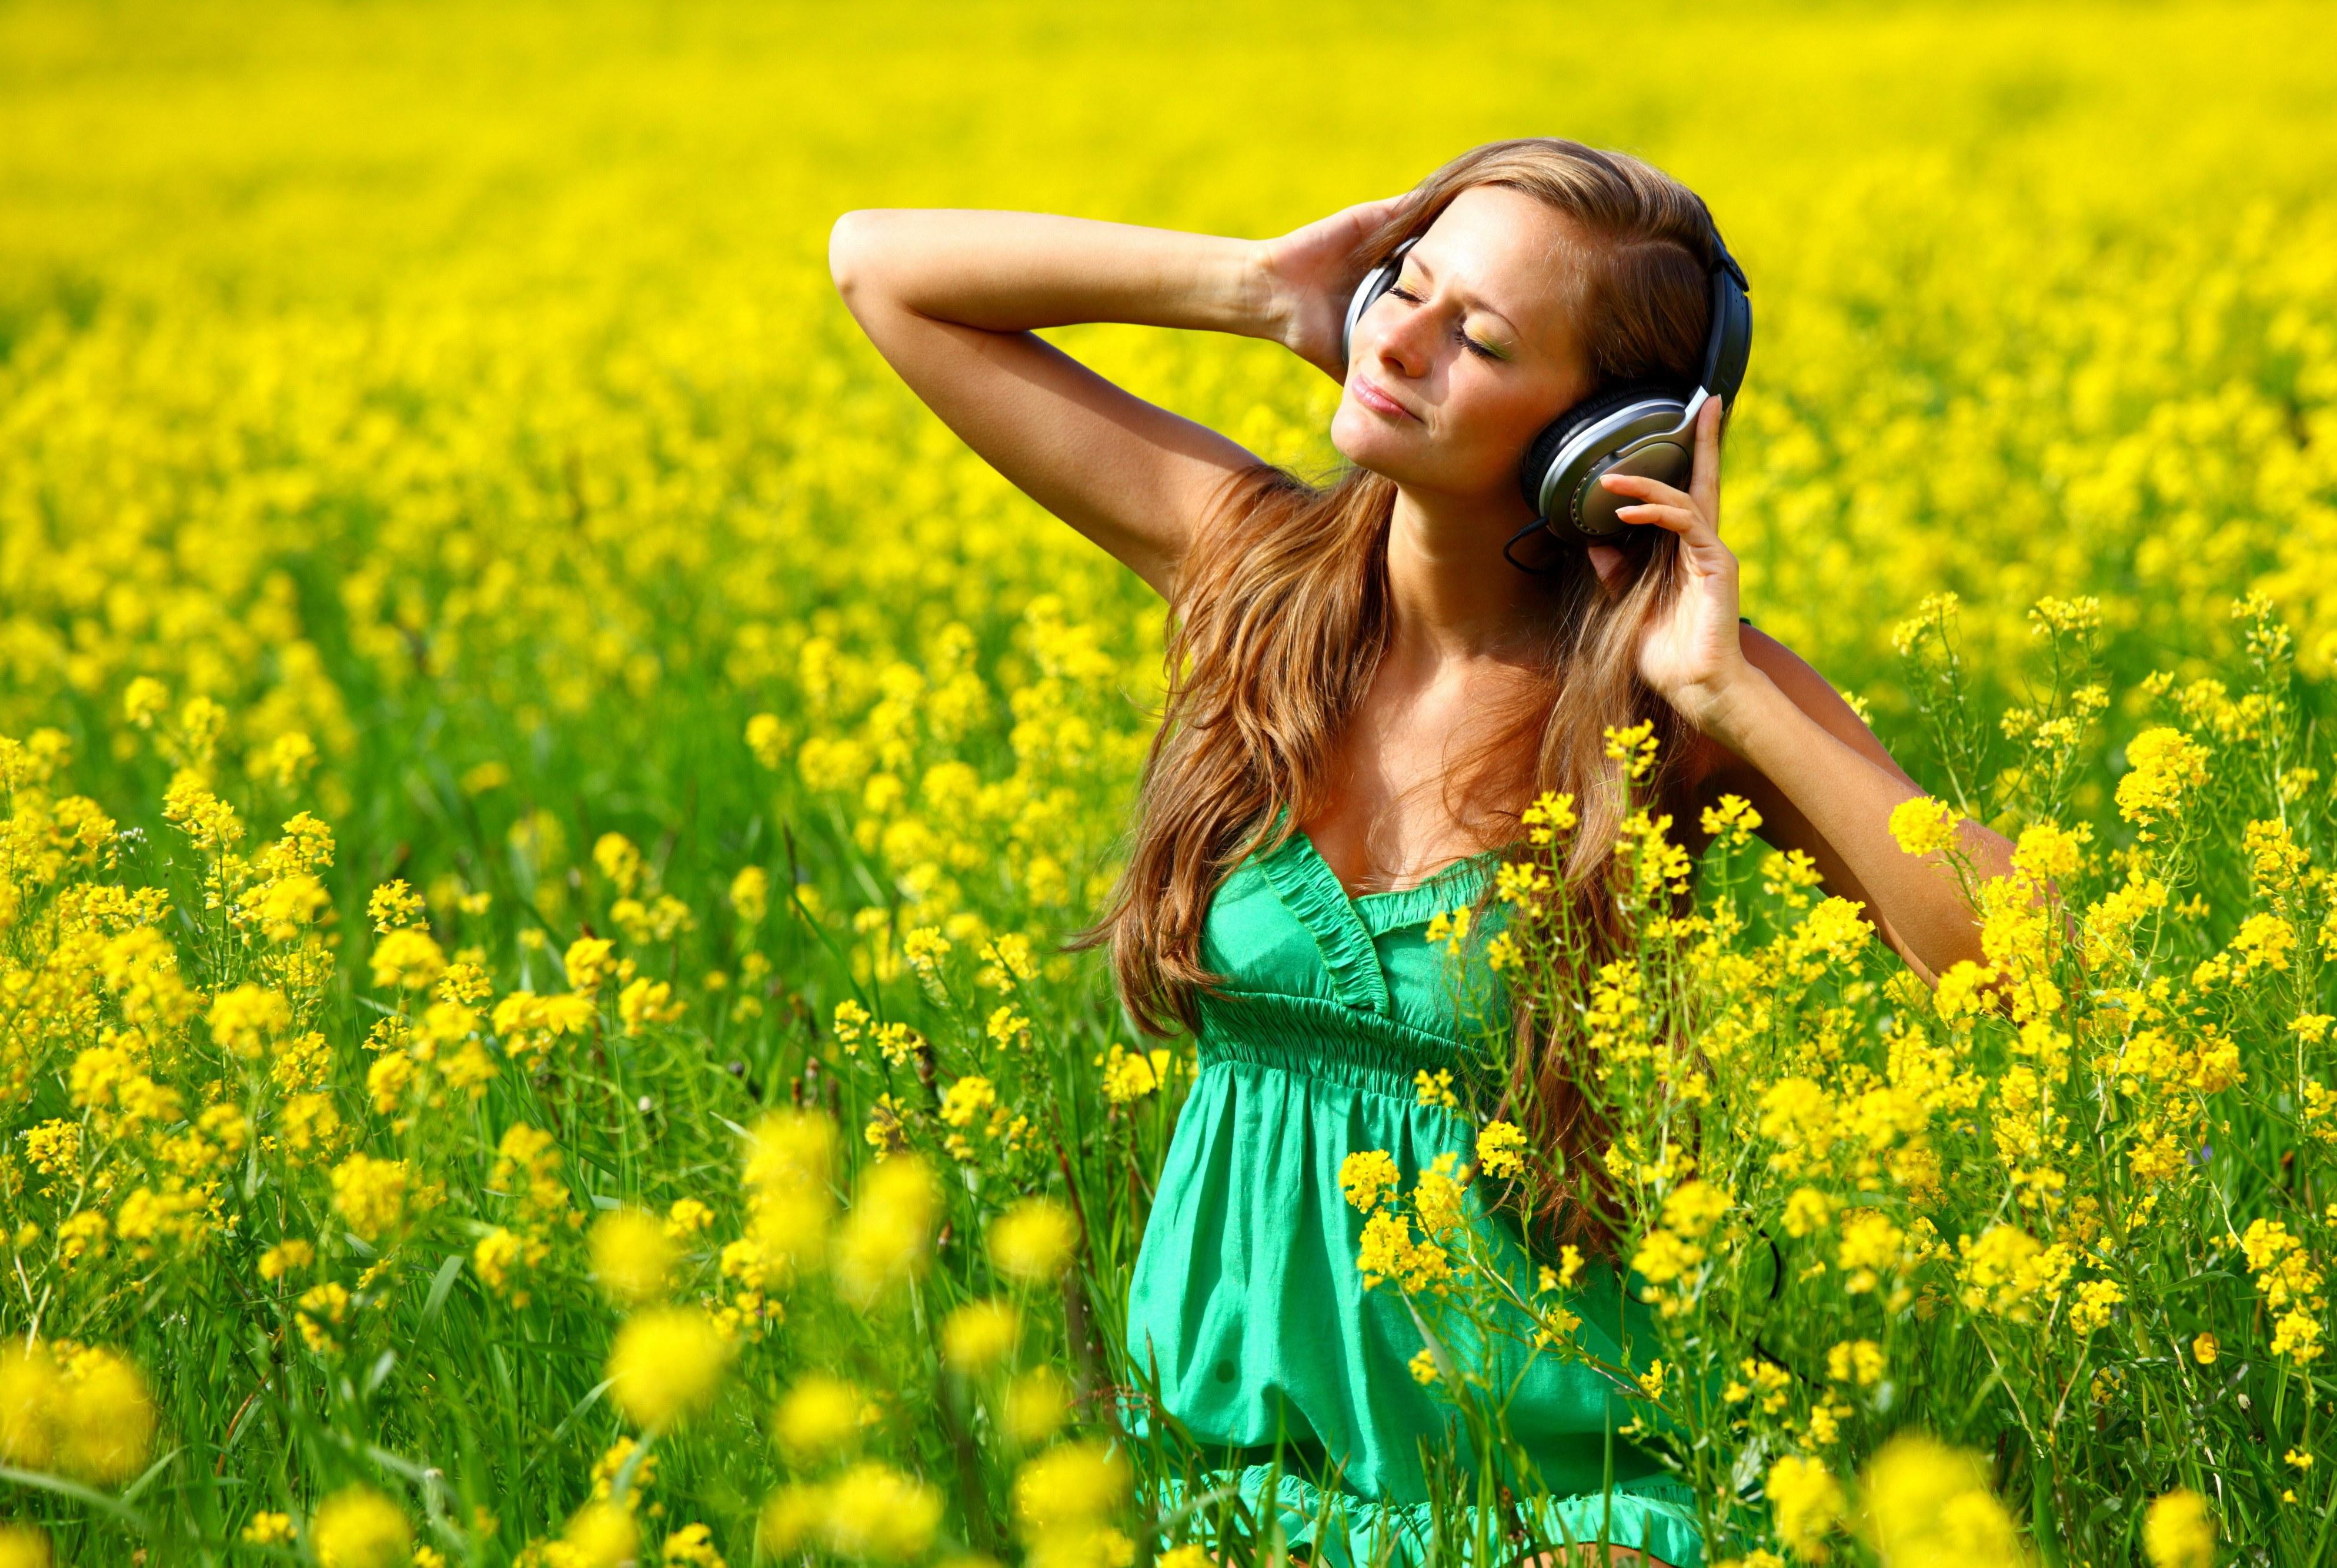 Картинки с девушкой слушать